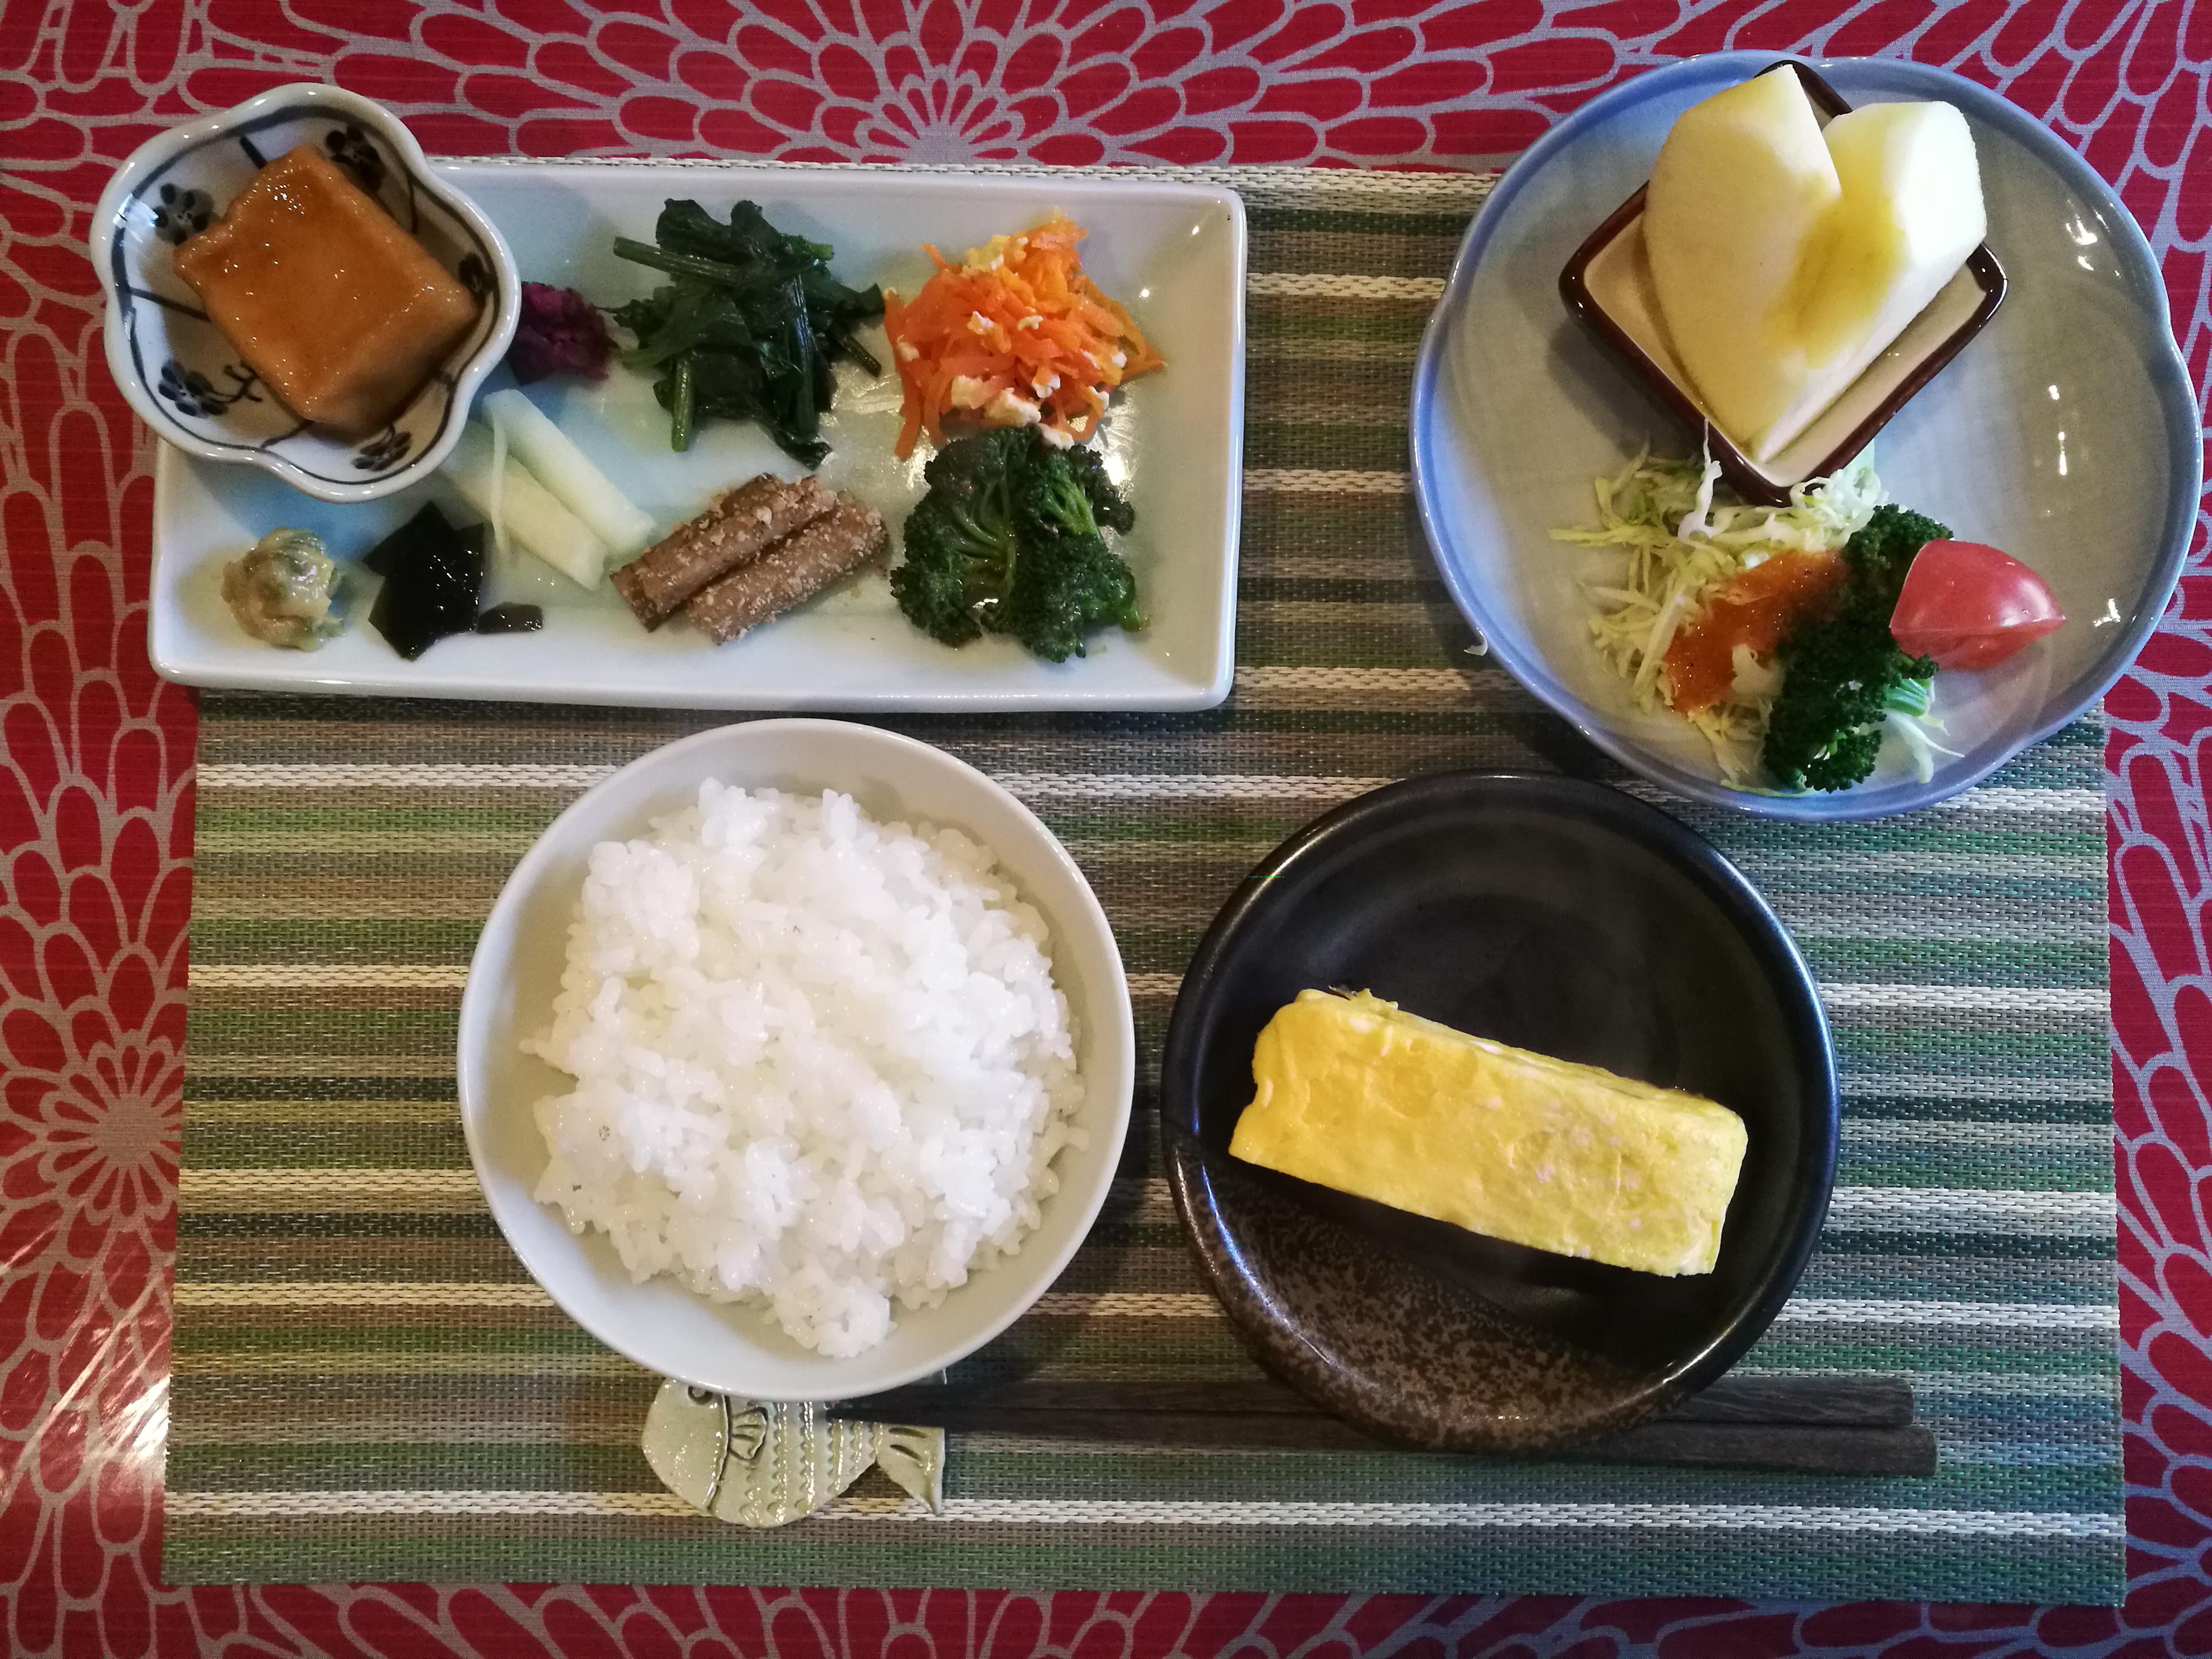 เที่ยวเกียวโต ที่เที่ยวเกียวโต มิยาม่าเกียวโต หมู่บ้าน miyama เกียวโต